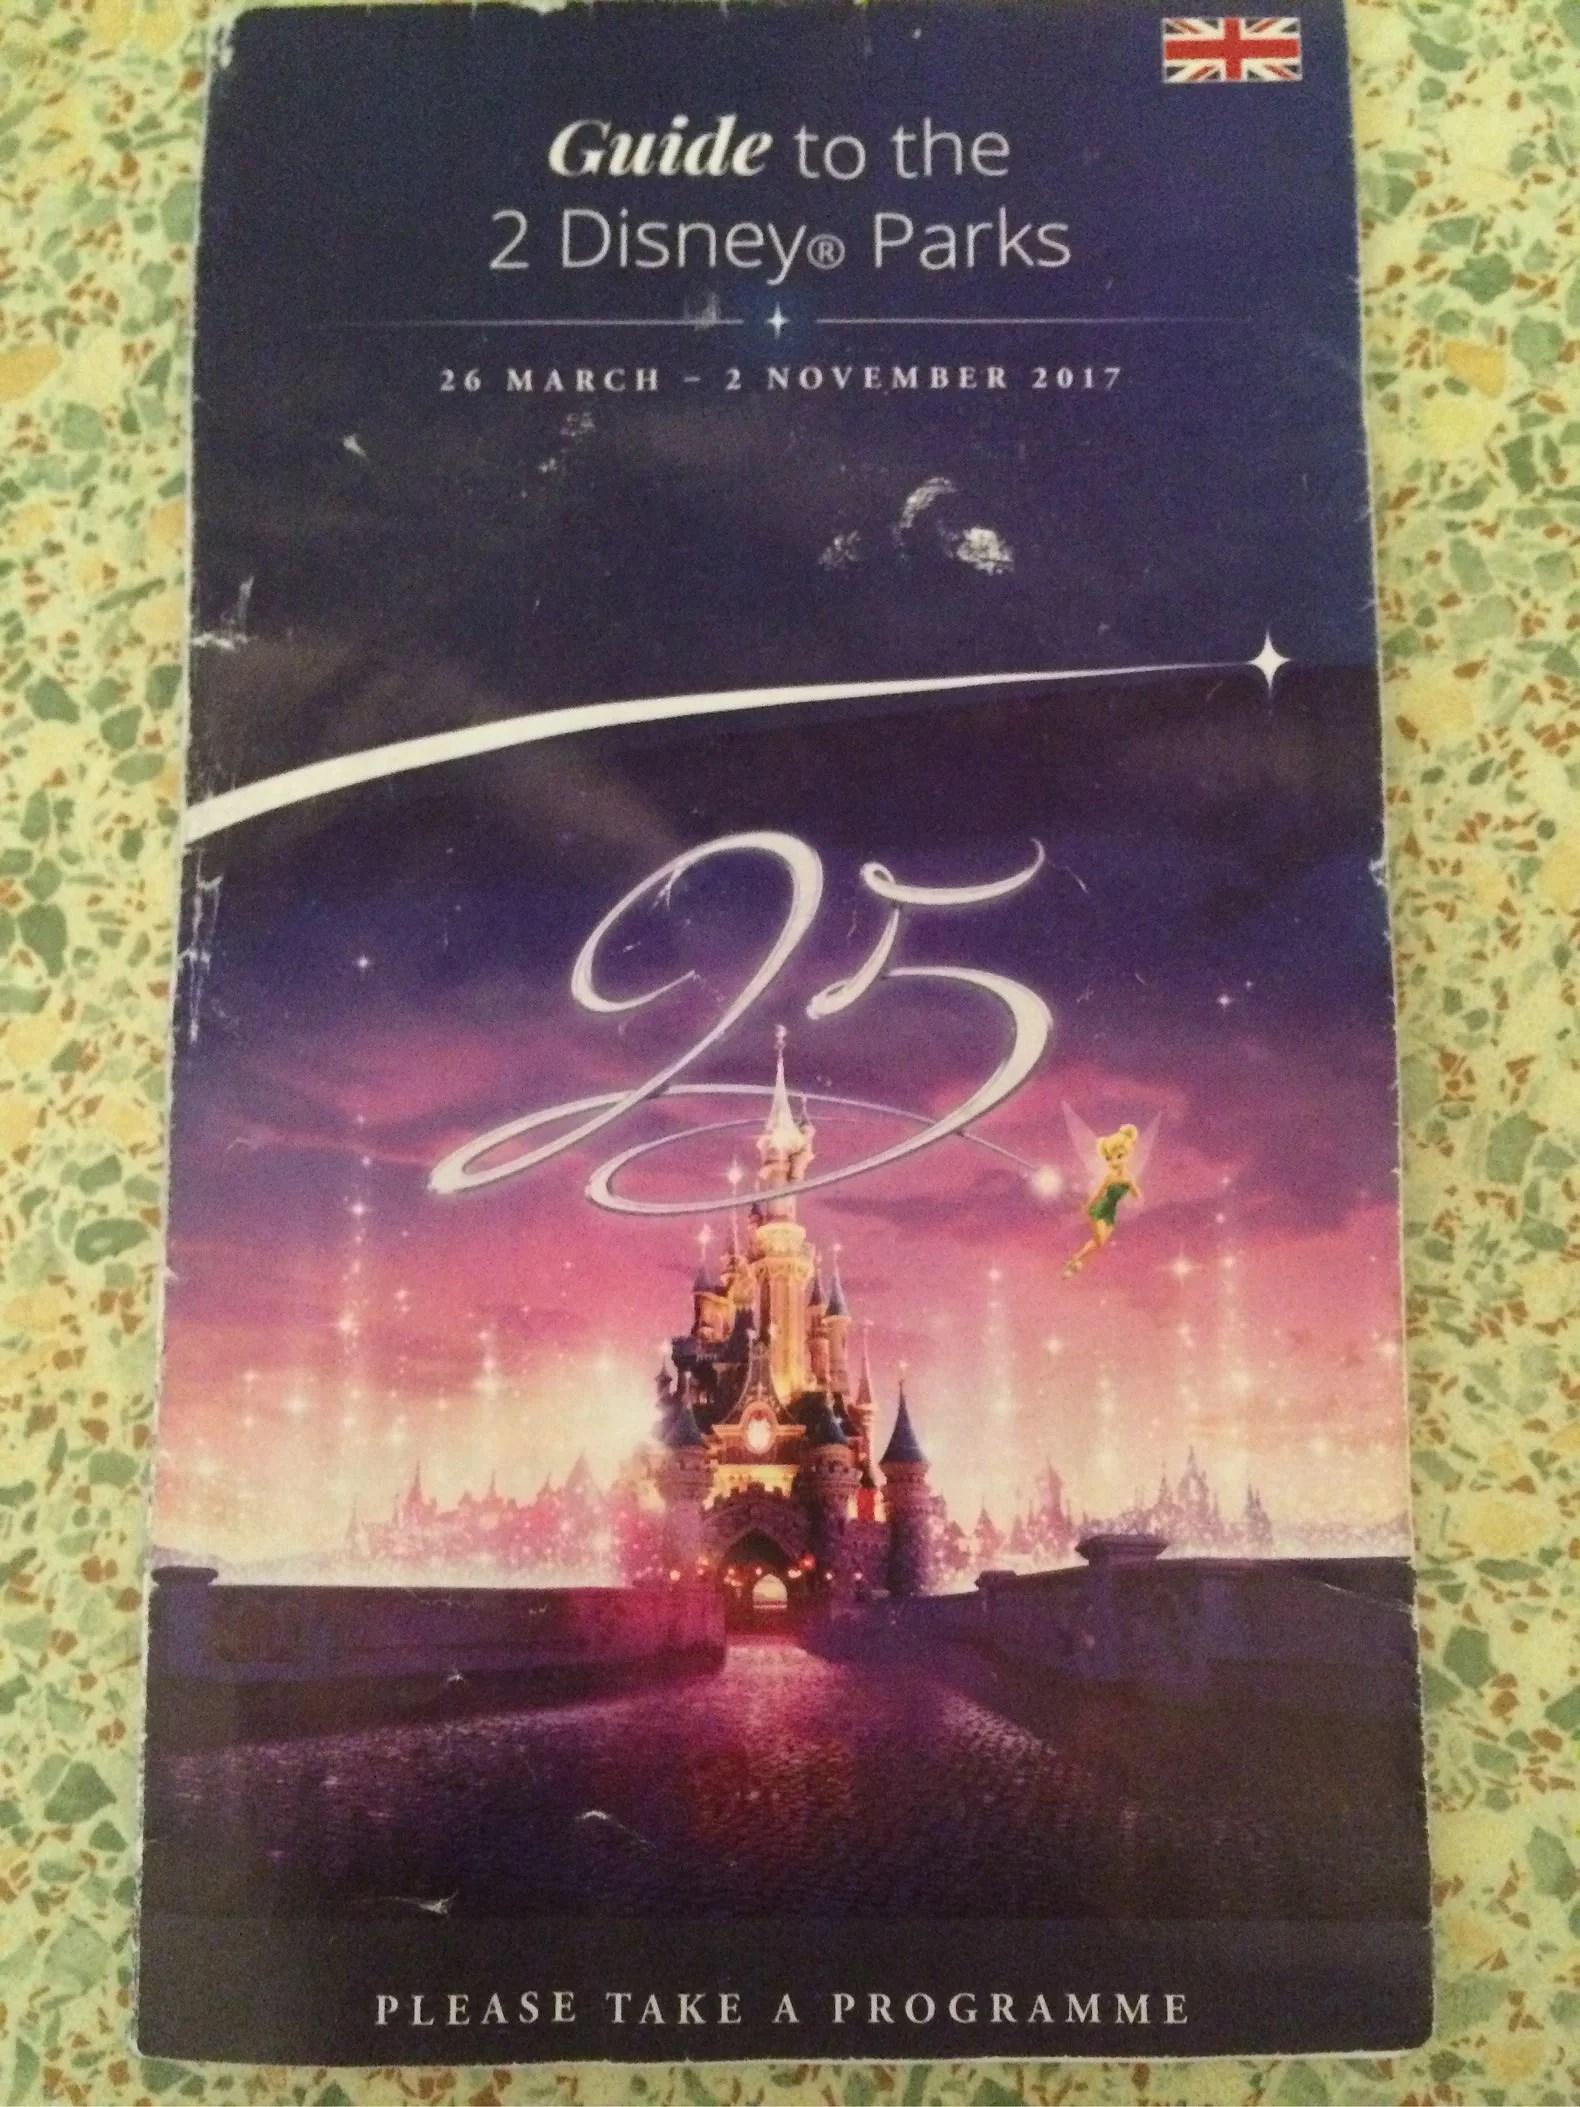 Gratis saker och aktiviteter på Disneyland Paris